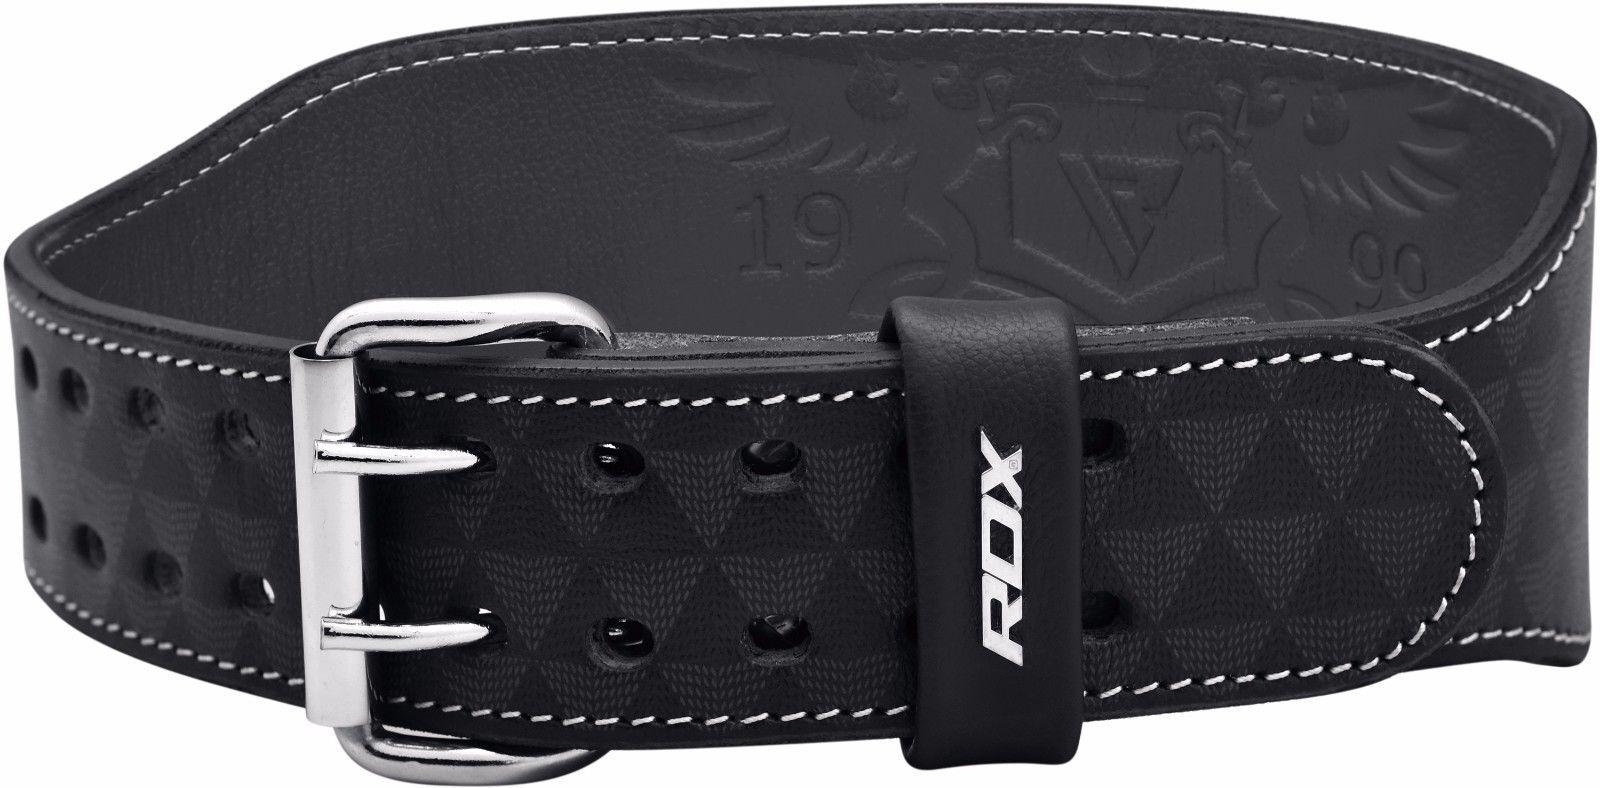 RDX Cuero Cuero RDX Peso Cinturón de elevación Power Gym Soporte para la espalda Culturism 43a911